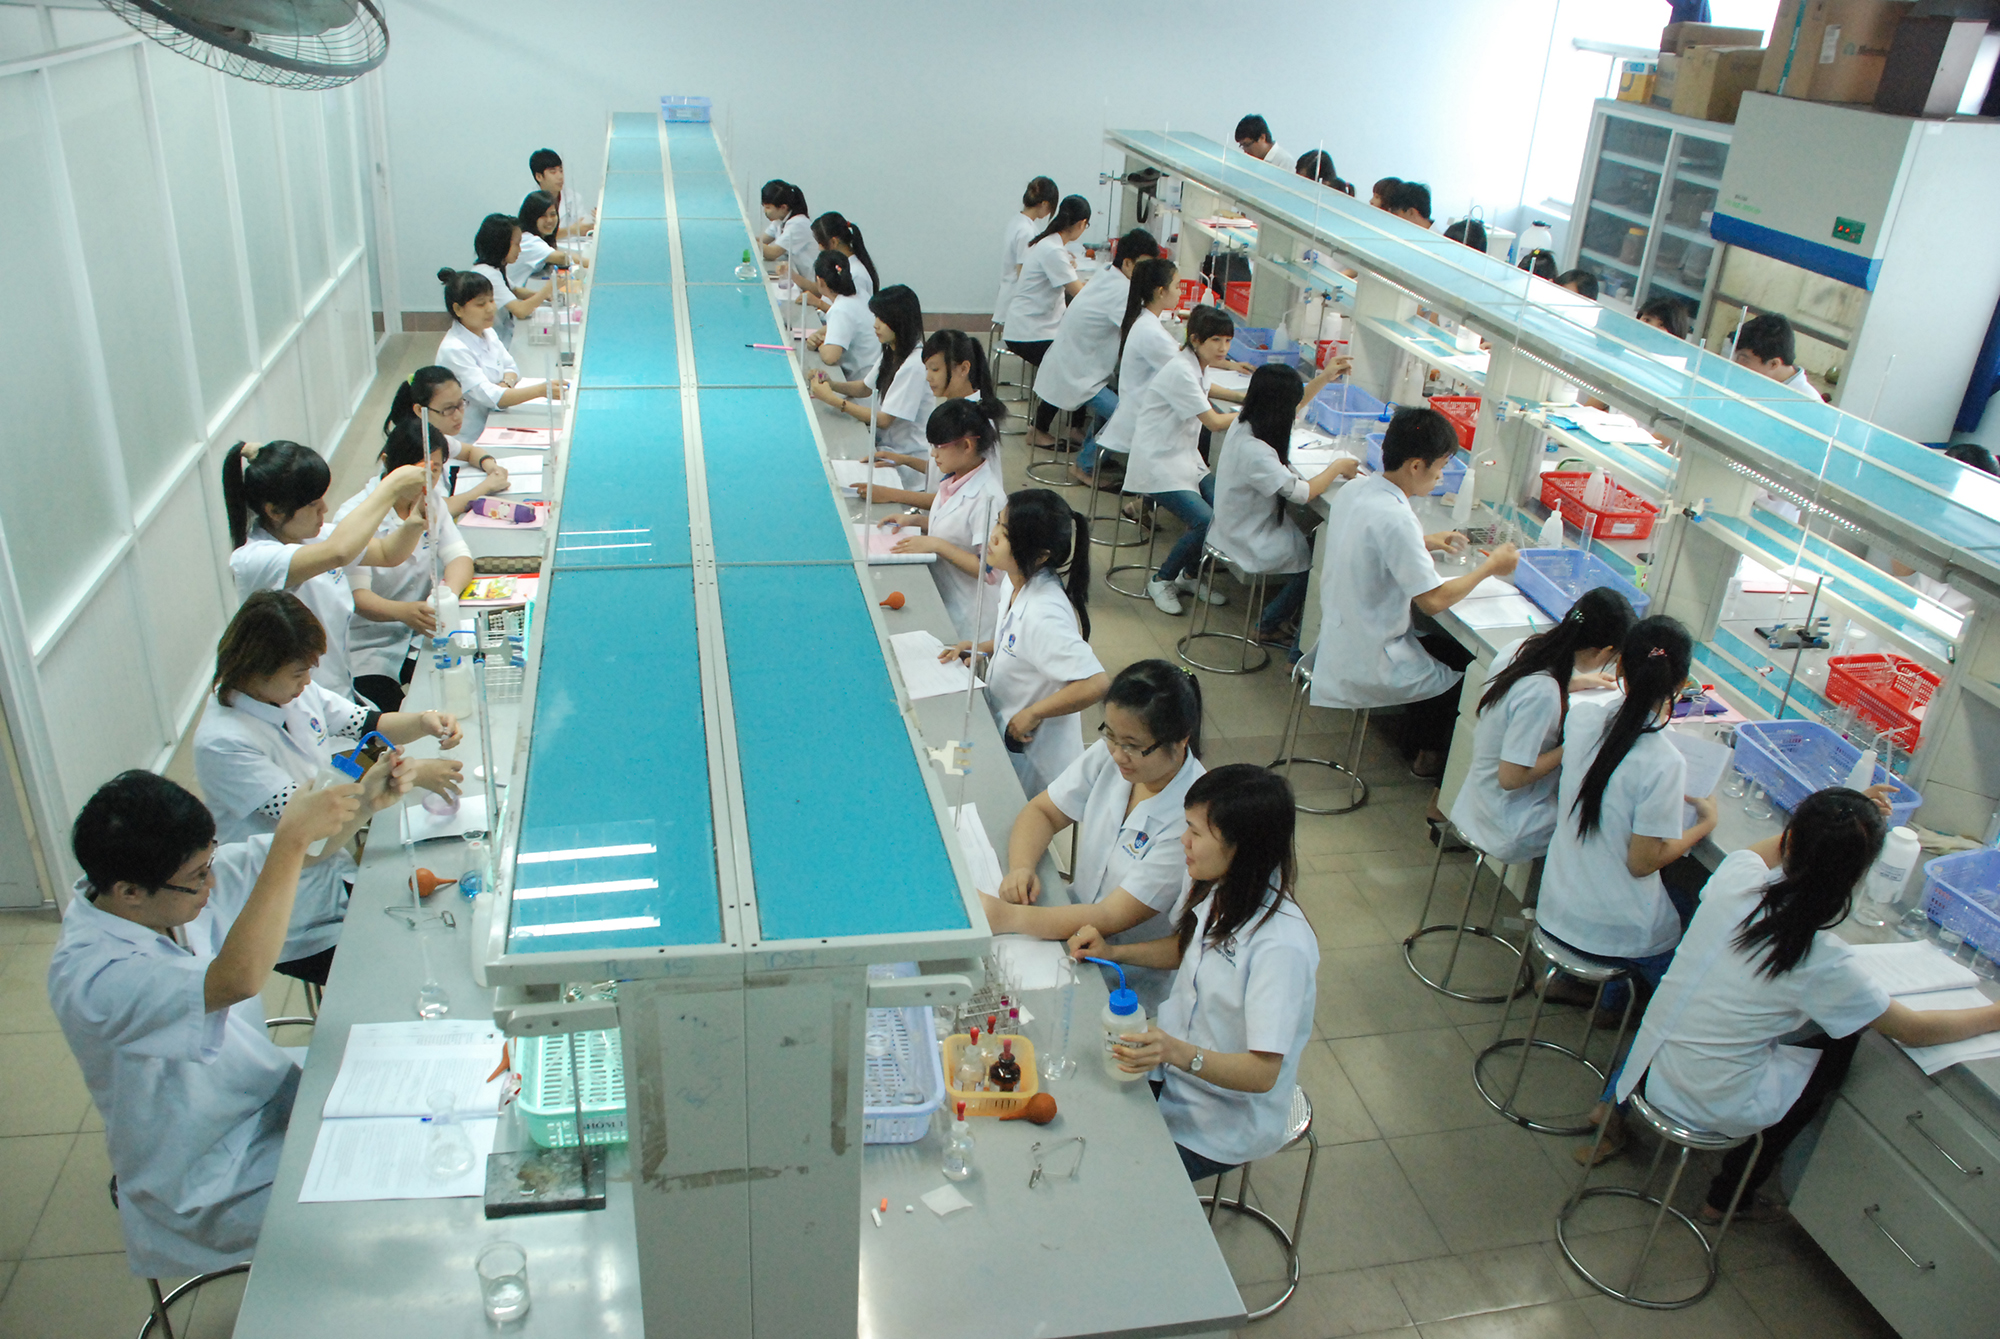 Sinh viên ngành Dược, Đại học Nguyễn Tất Thành, trong giờ thực hành tại phòng thí nghiệm của trường. Ảnh: ntt.edu.vn